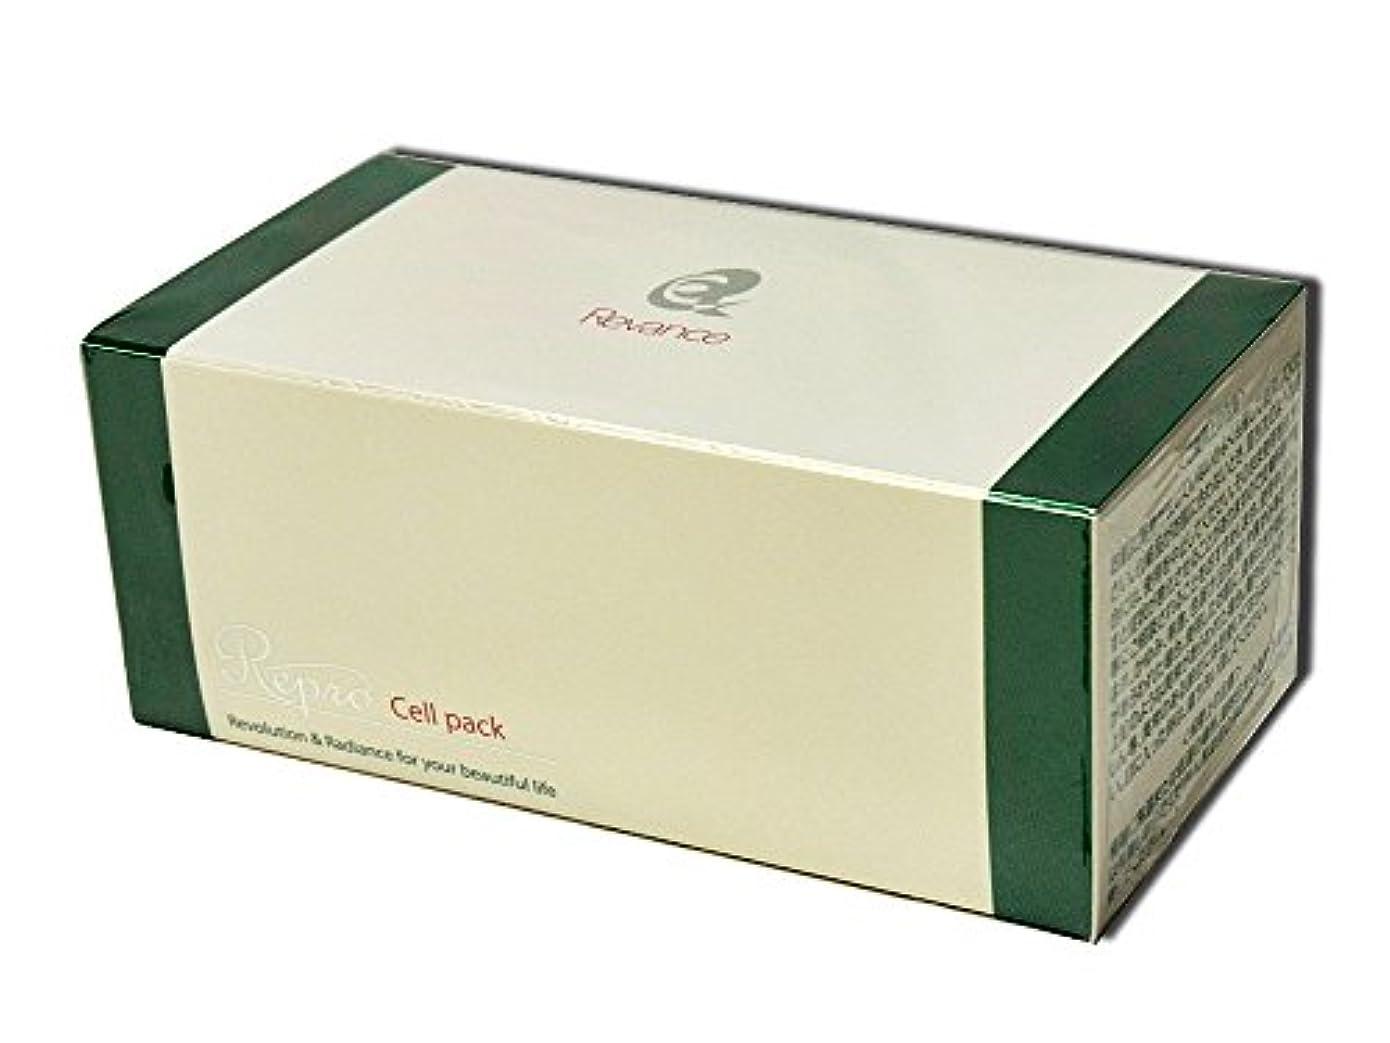 にもかかわらず涙適合【レヴァンス】 一液式 炭酸パックリプロ セルパック 10g × 10包入